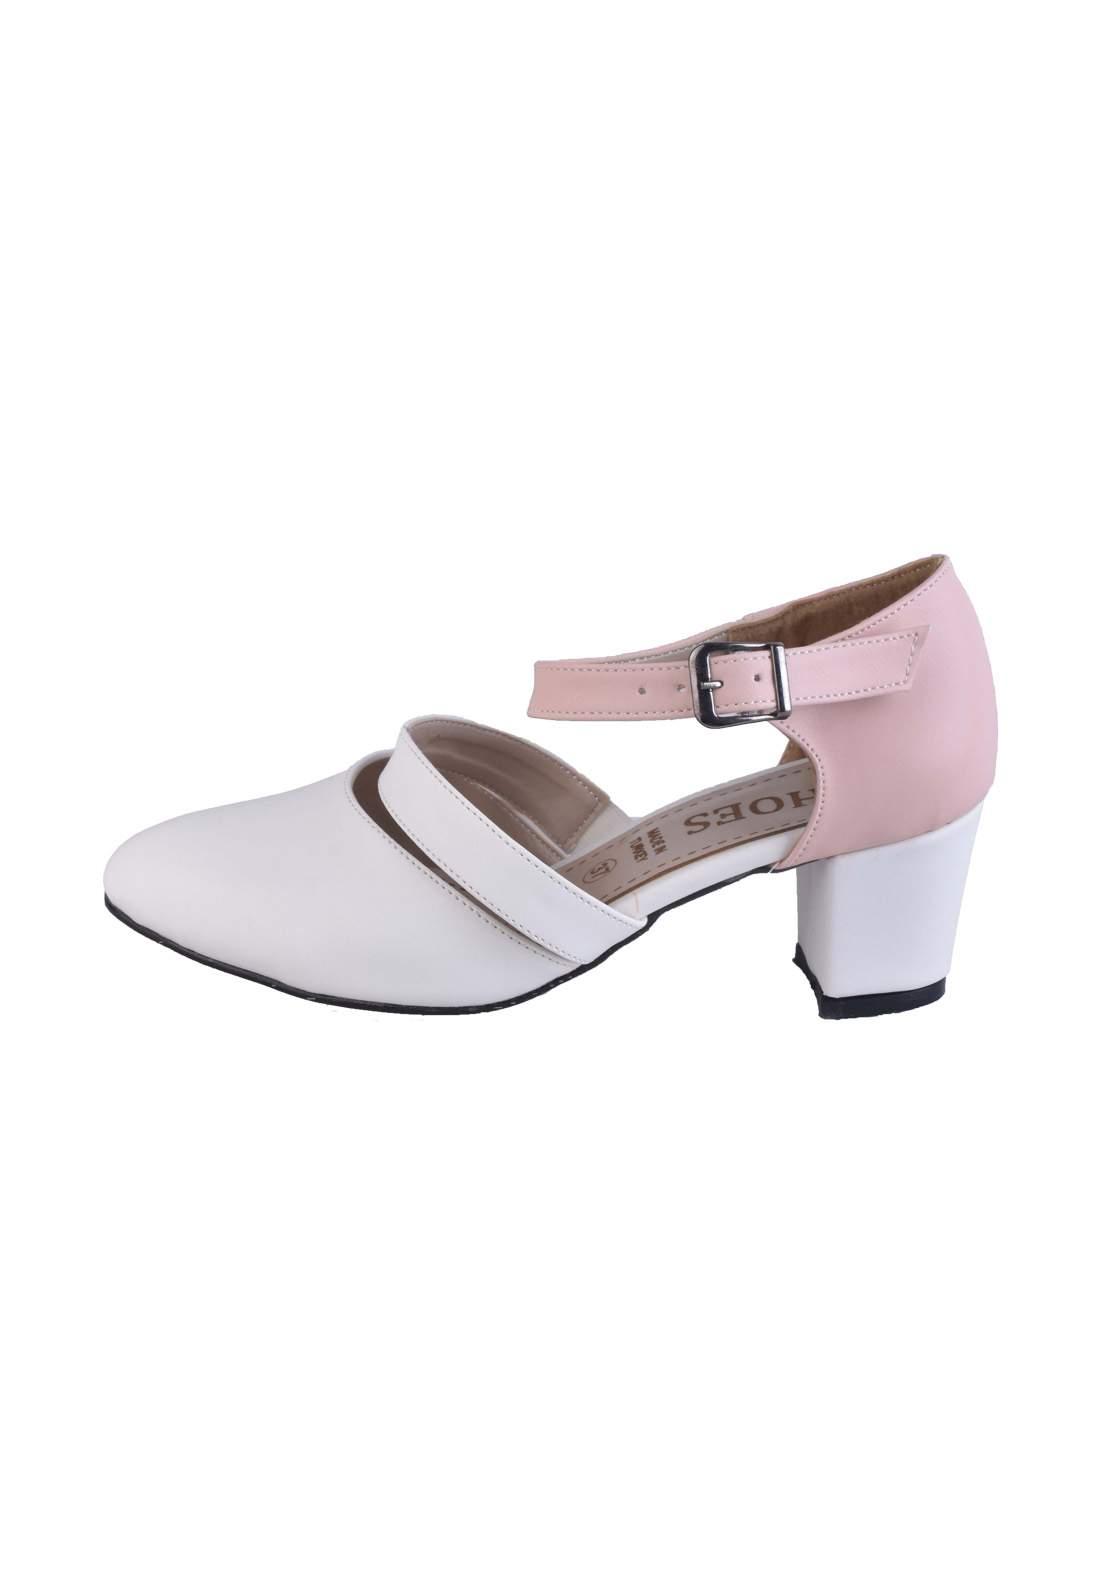 حذاء كعب نسائي باللون الابيض والوردي